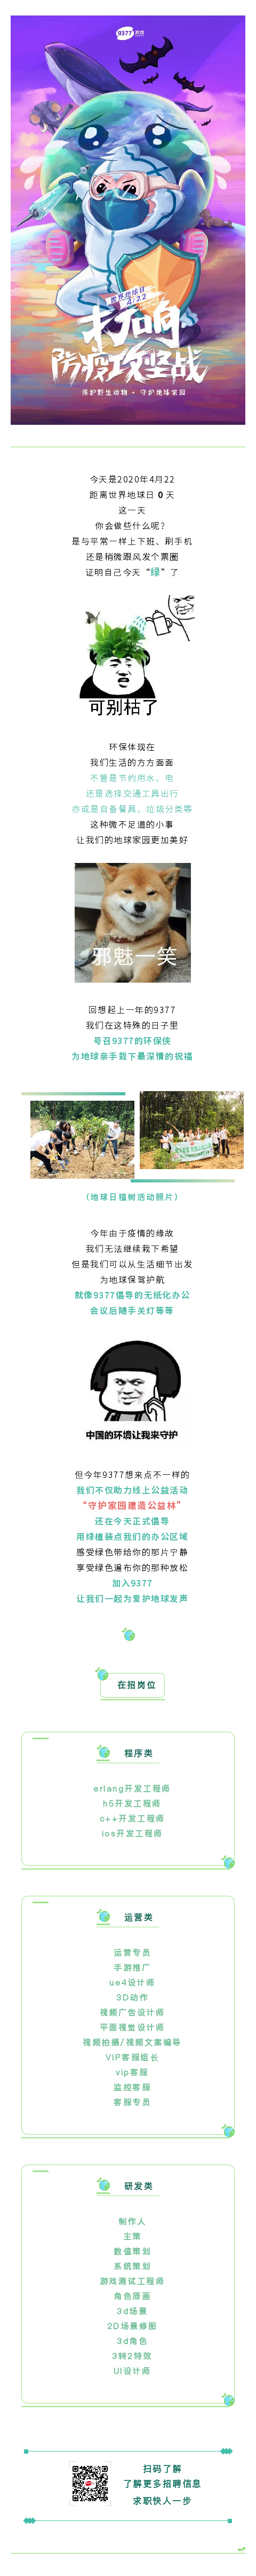 官网长图.jpg